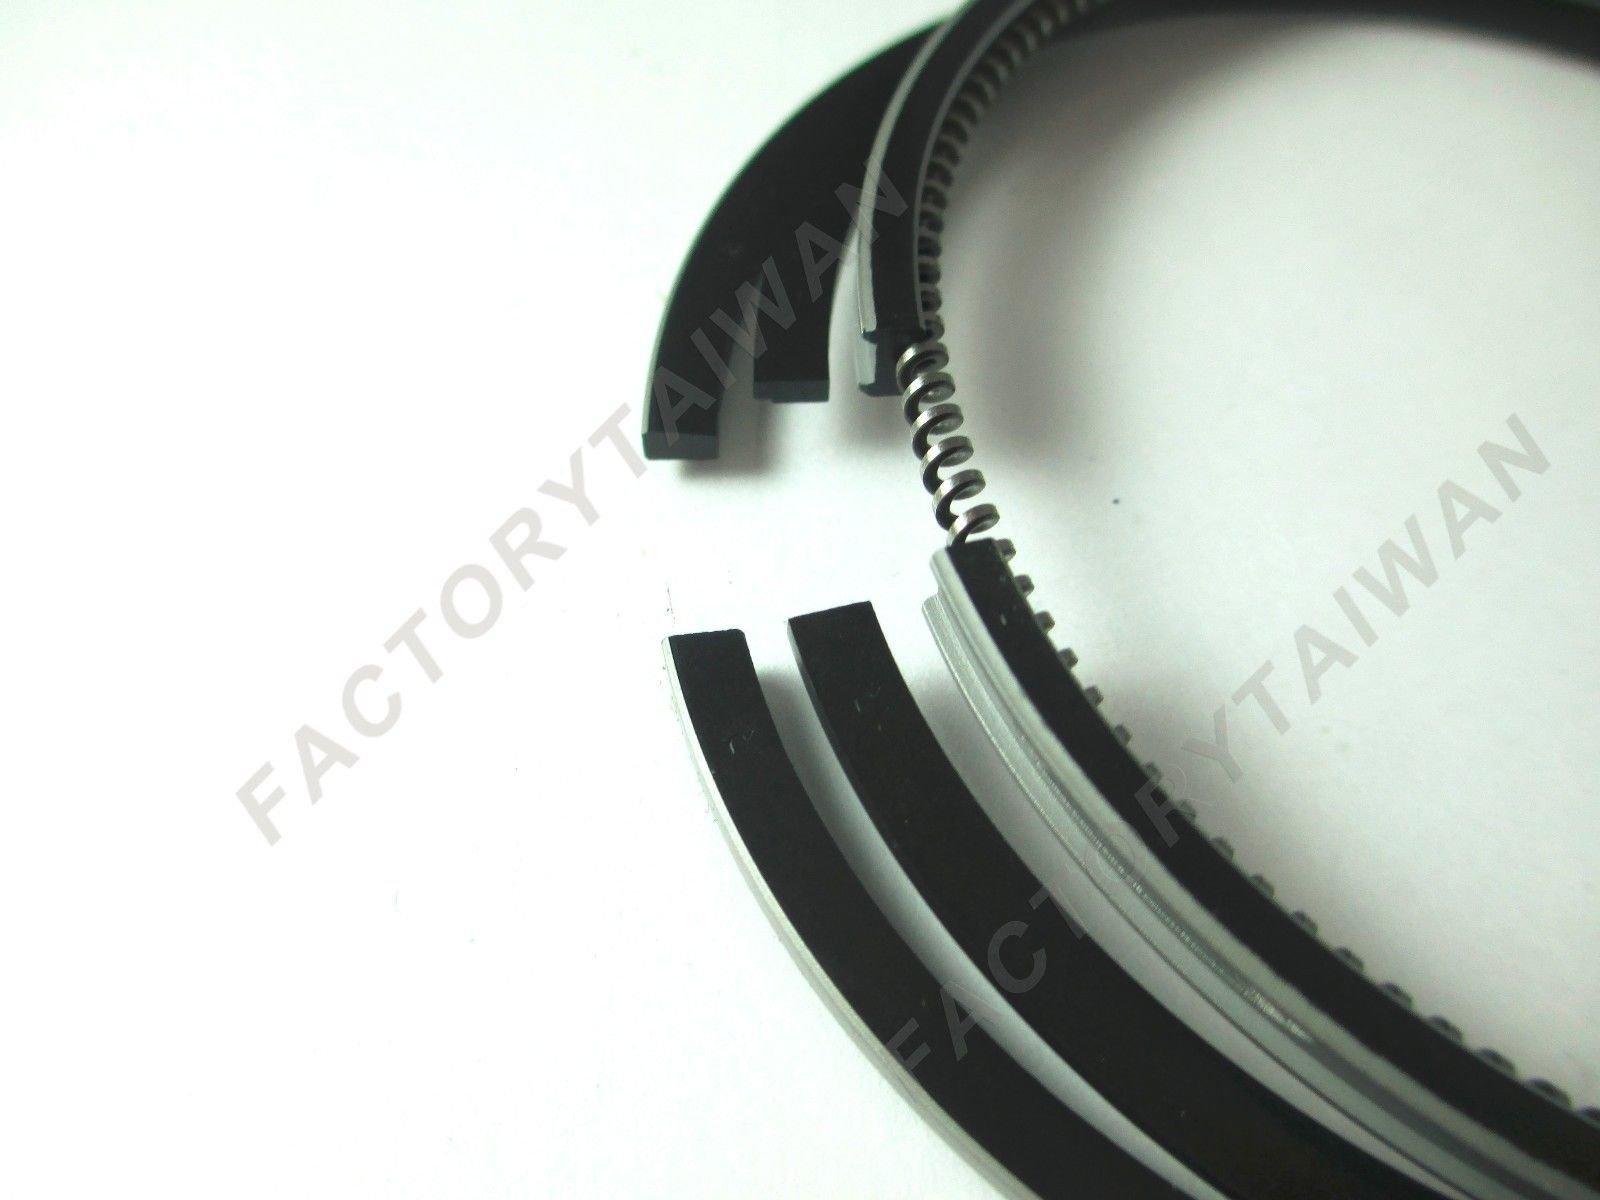 1x Piston ring set Kolbenringe STD 72,0 mm für Kubota Motor ZB600 Z600 D850